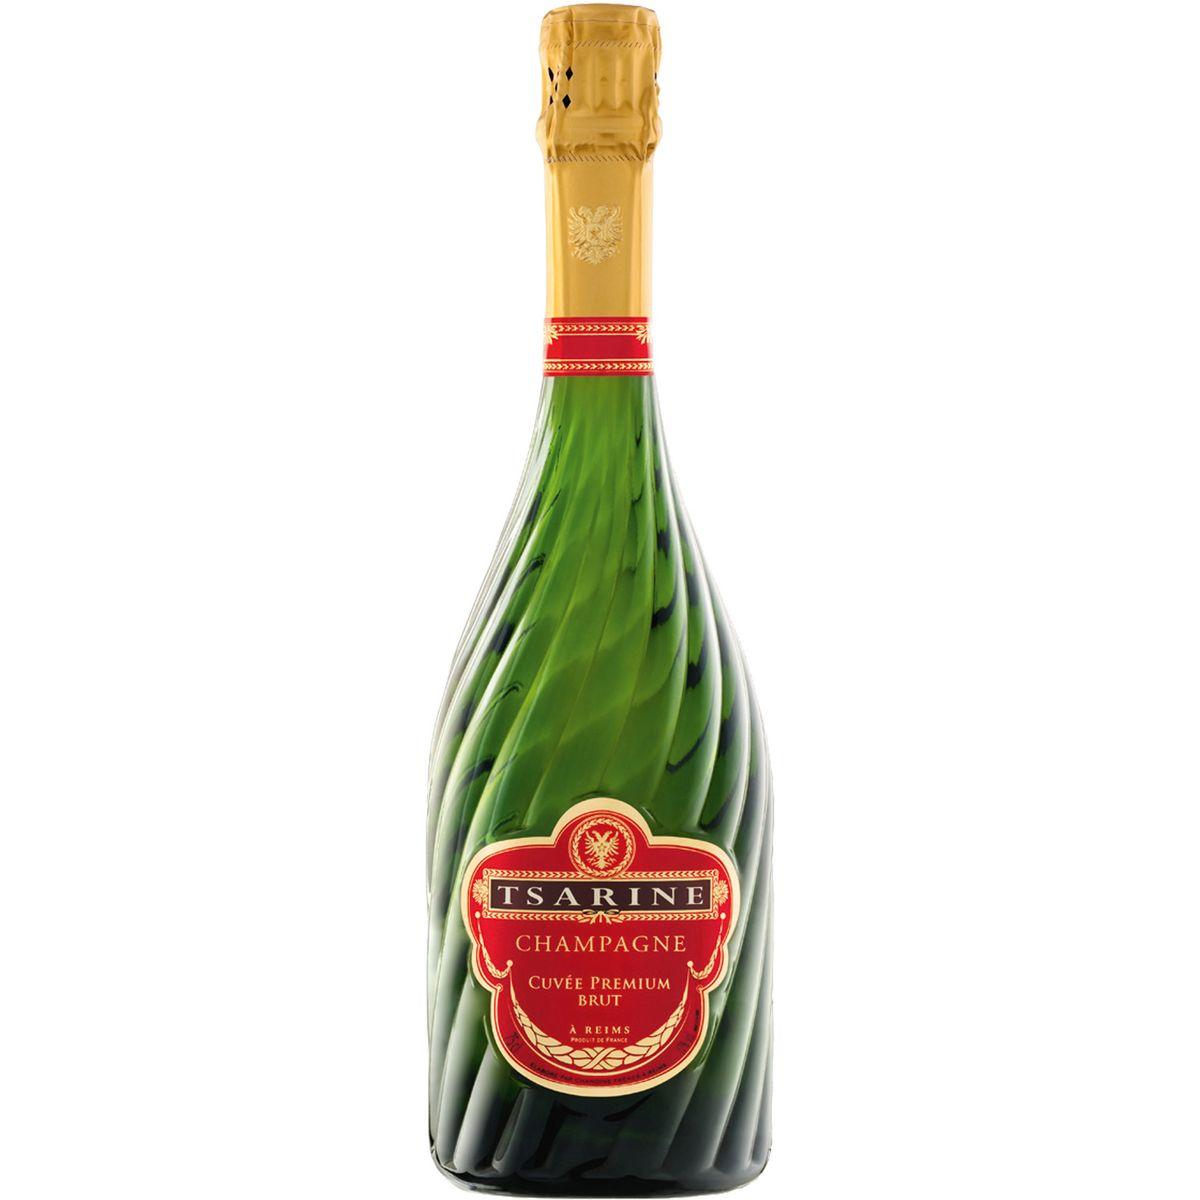 AOP Champagne brut cuvée premium